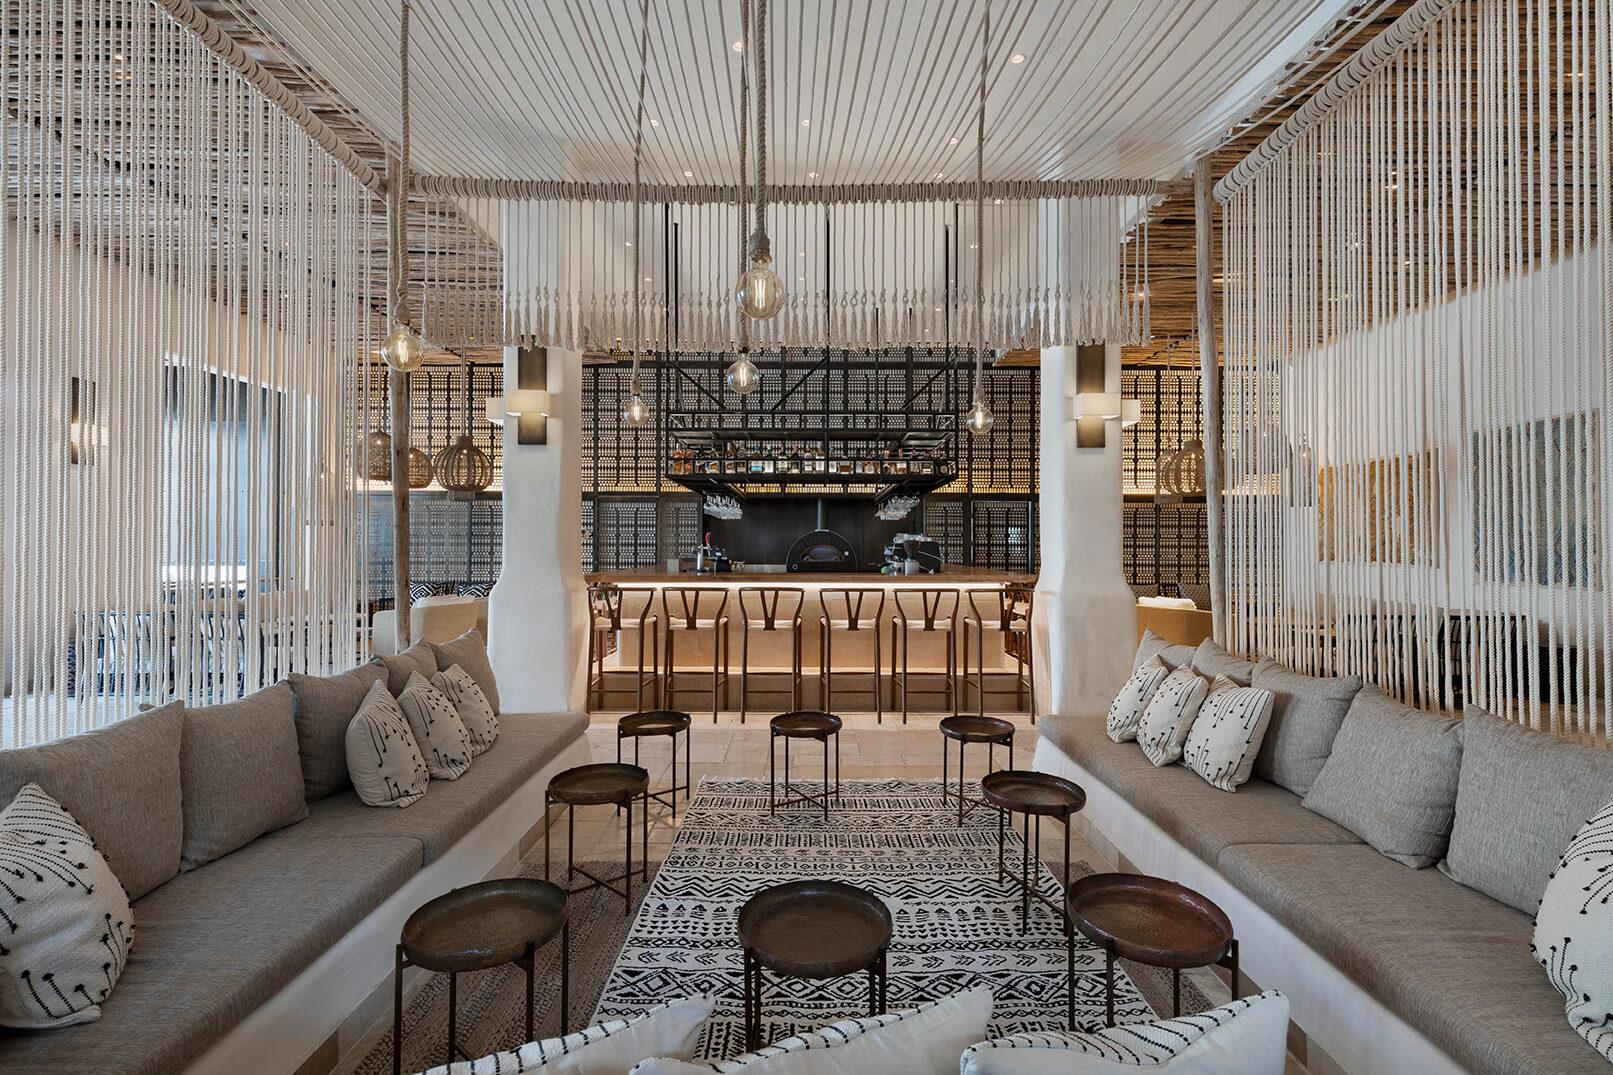 Kedma Hotel Lobby